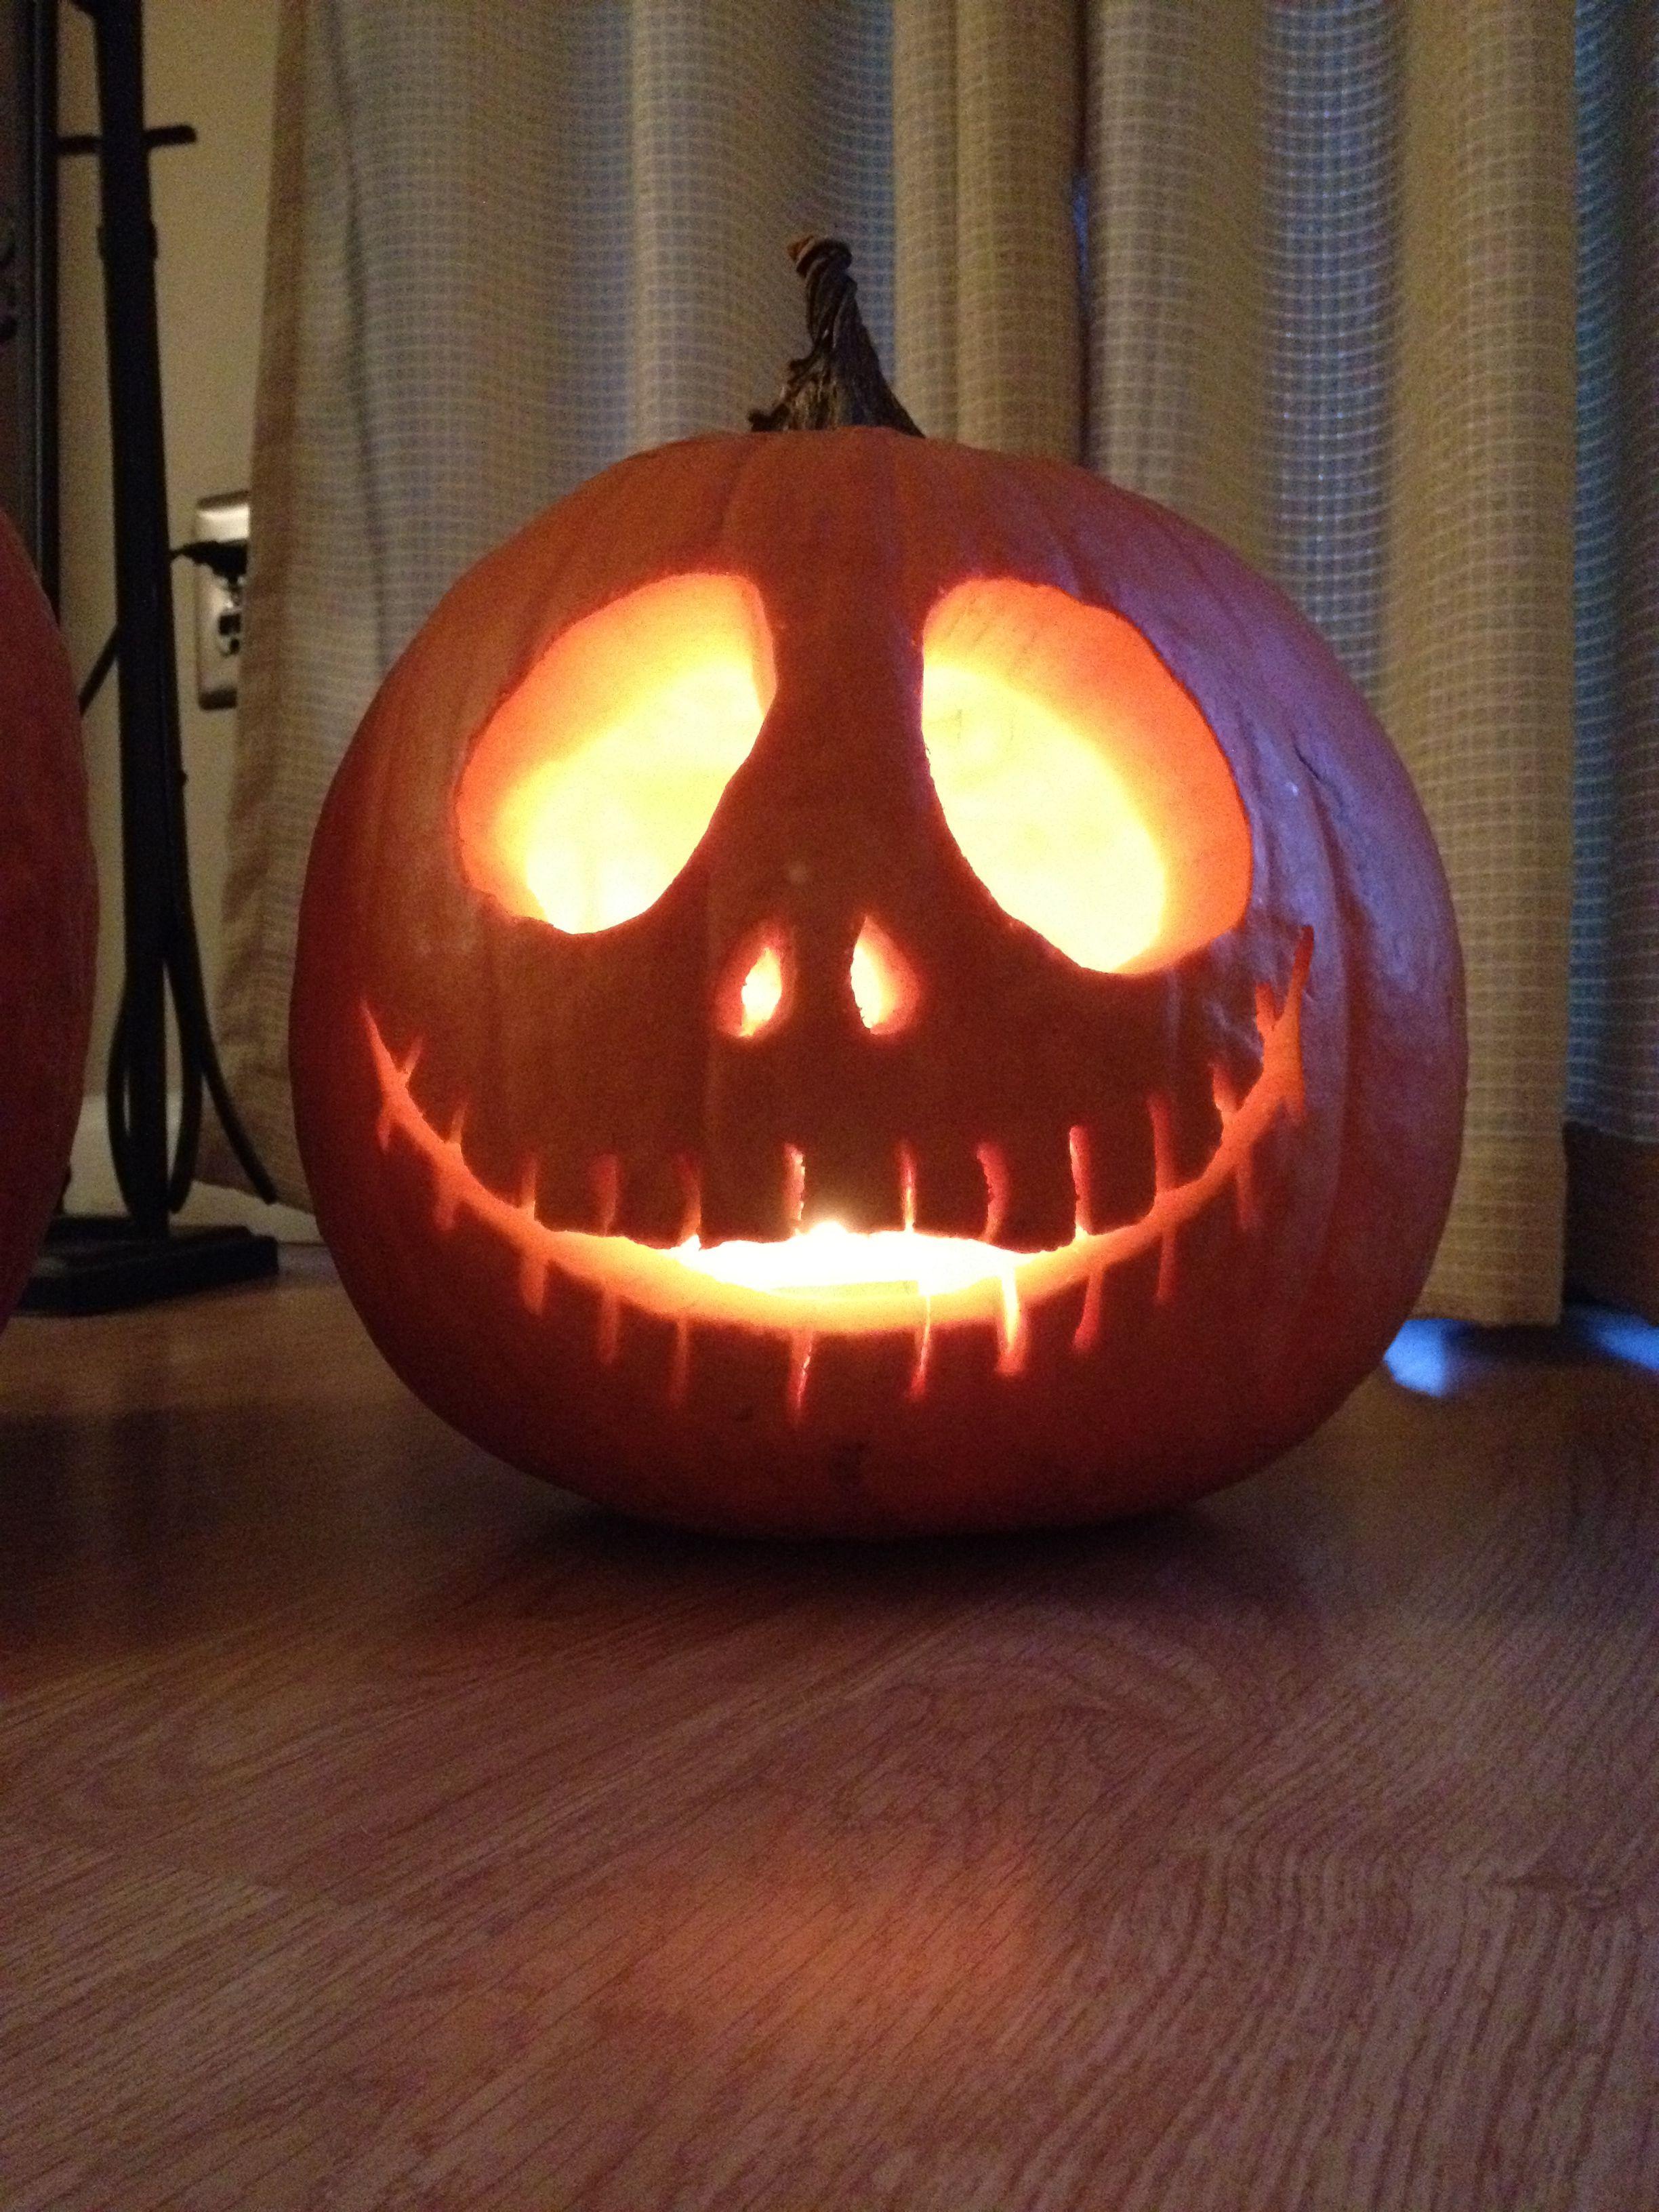 Nightmare before Christmas Jack Skellington pumpkin